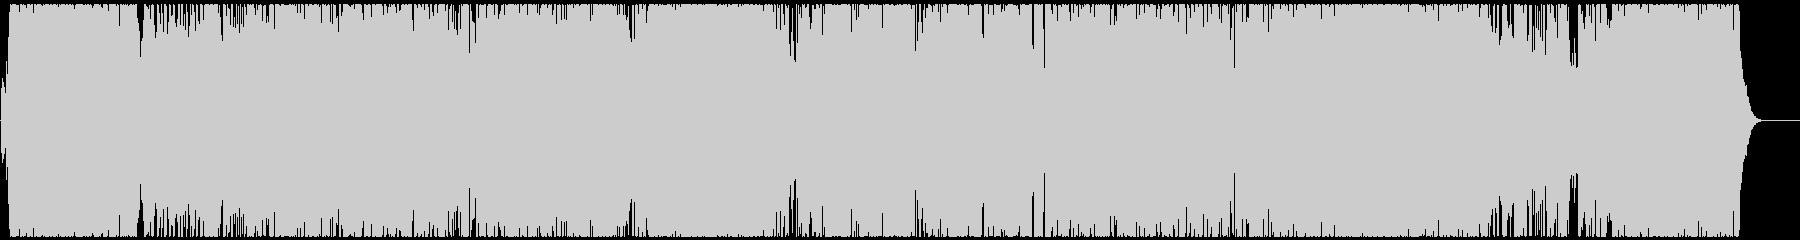 スピード感あふれる変則ピアノトリオの未再生の波形